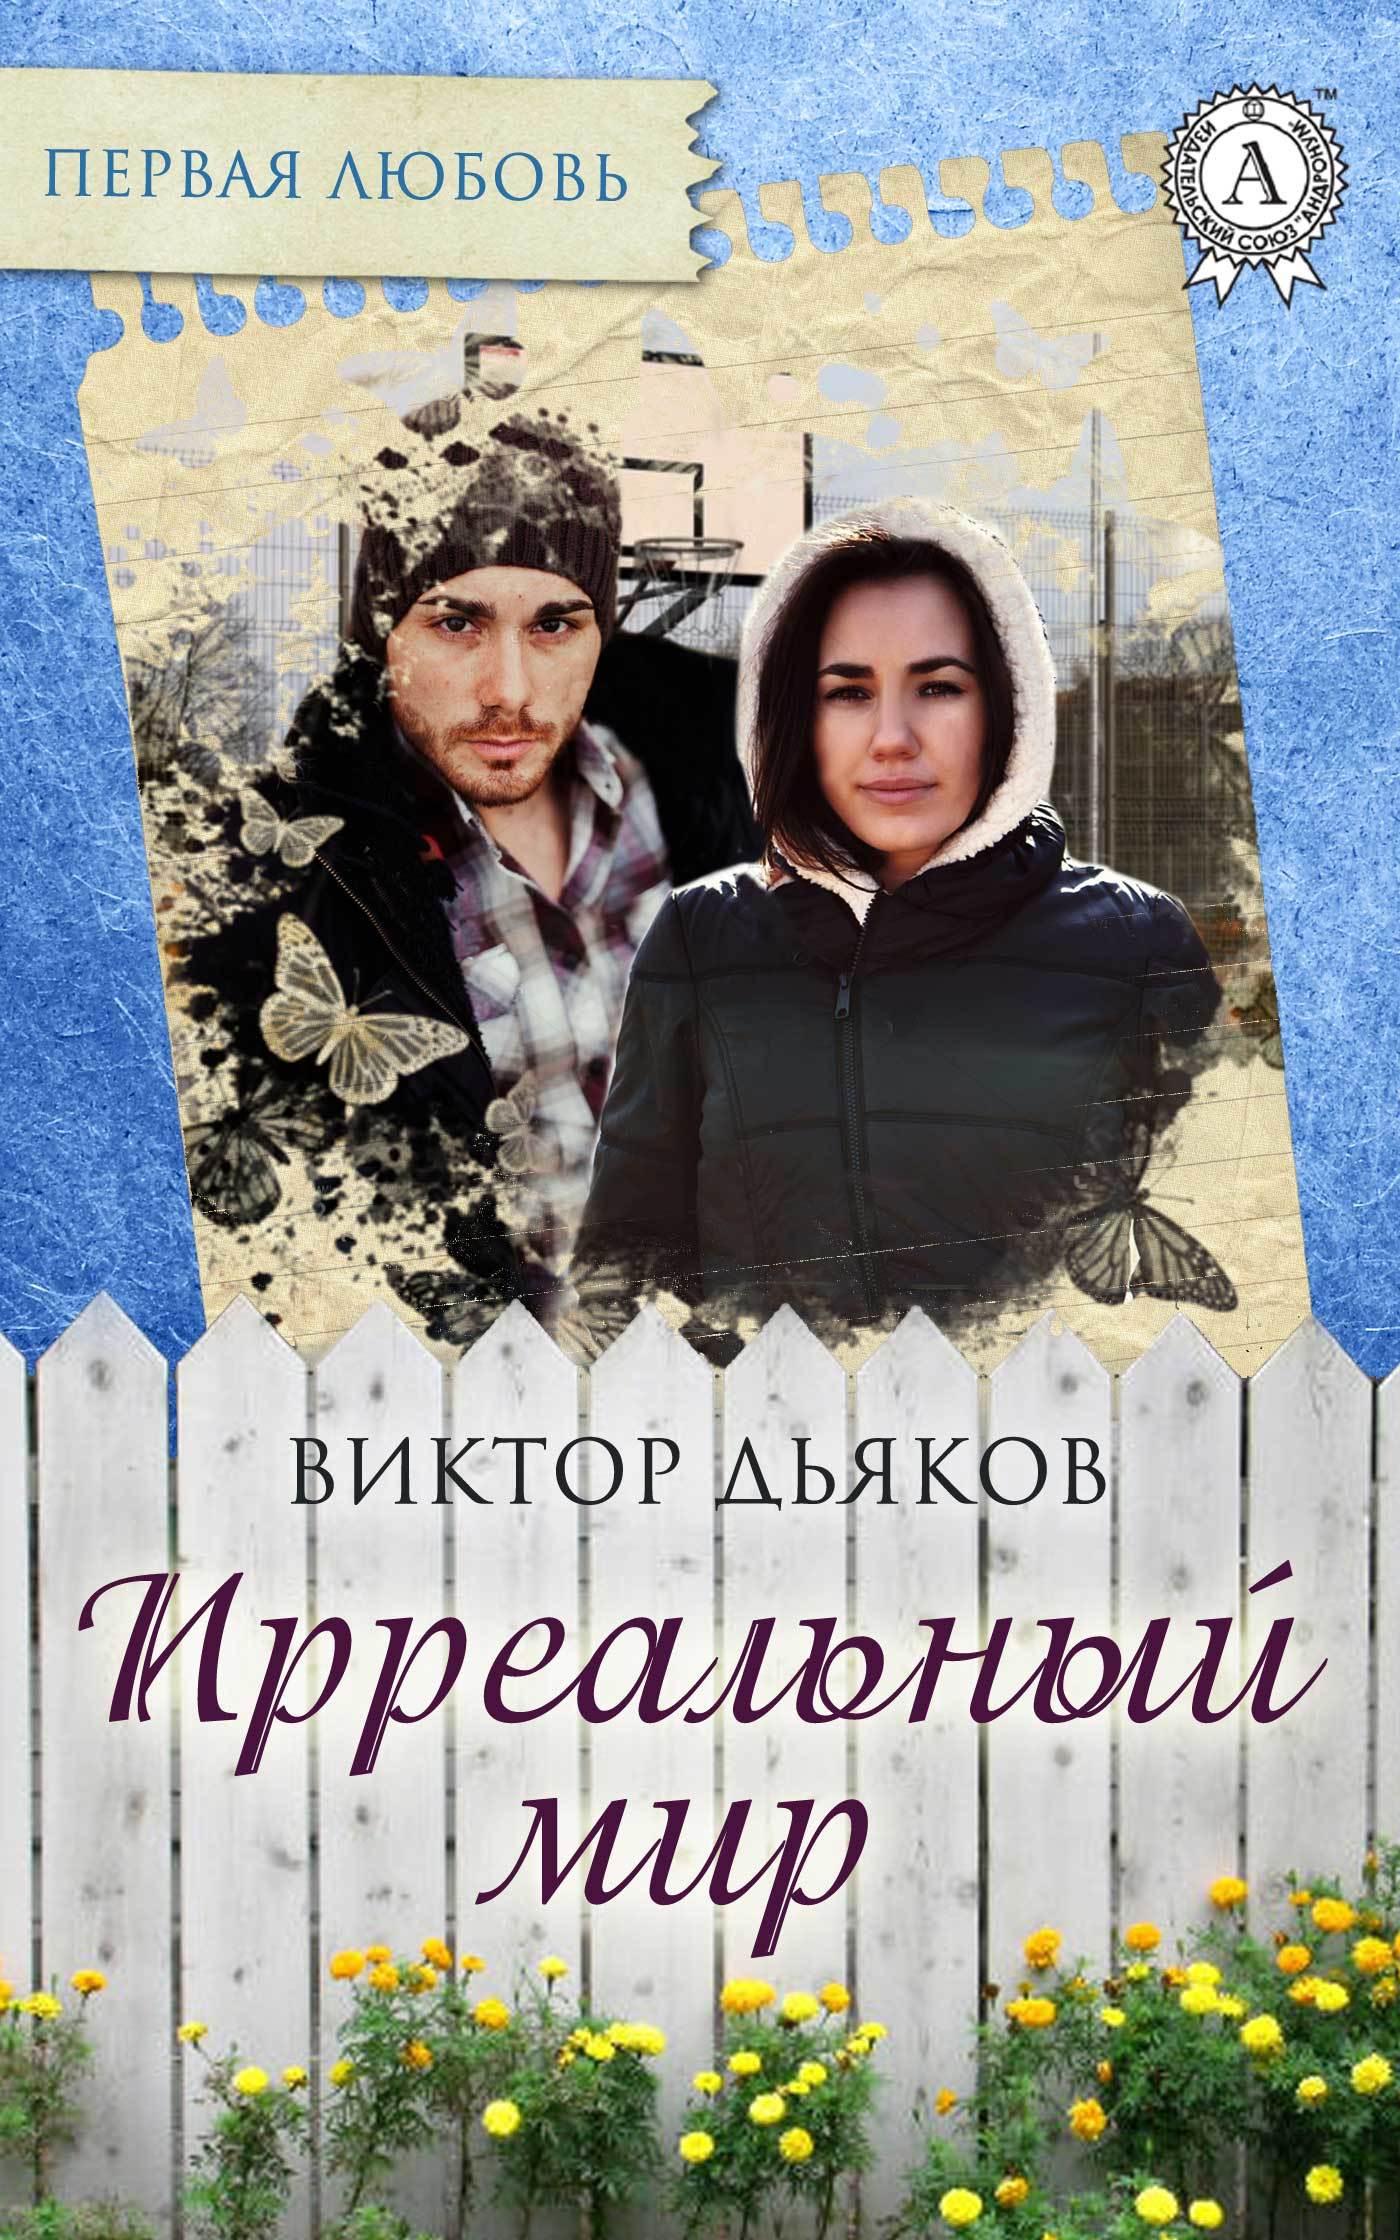 Виктор Дьяков Ирреальный мир виктор елисеевич дьяков рождение чувств